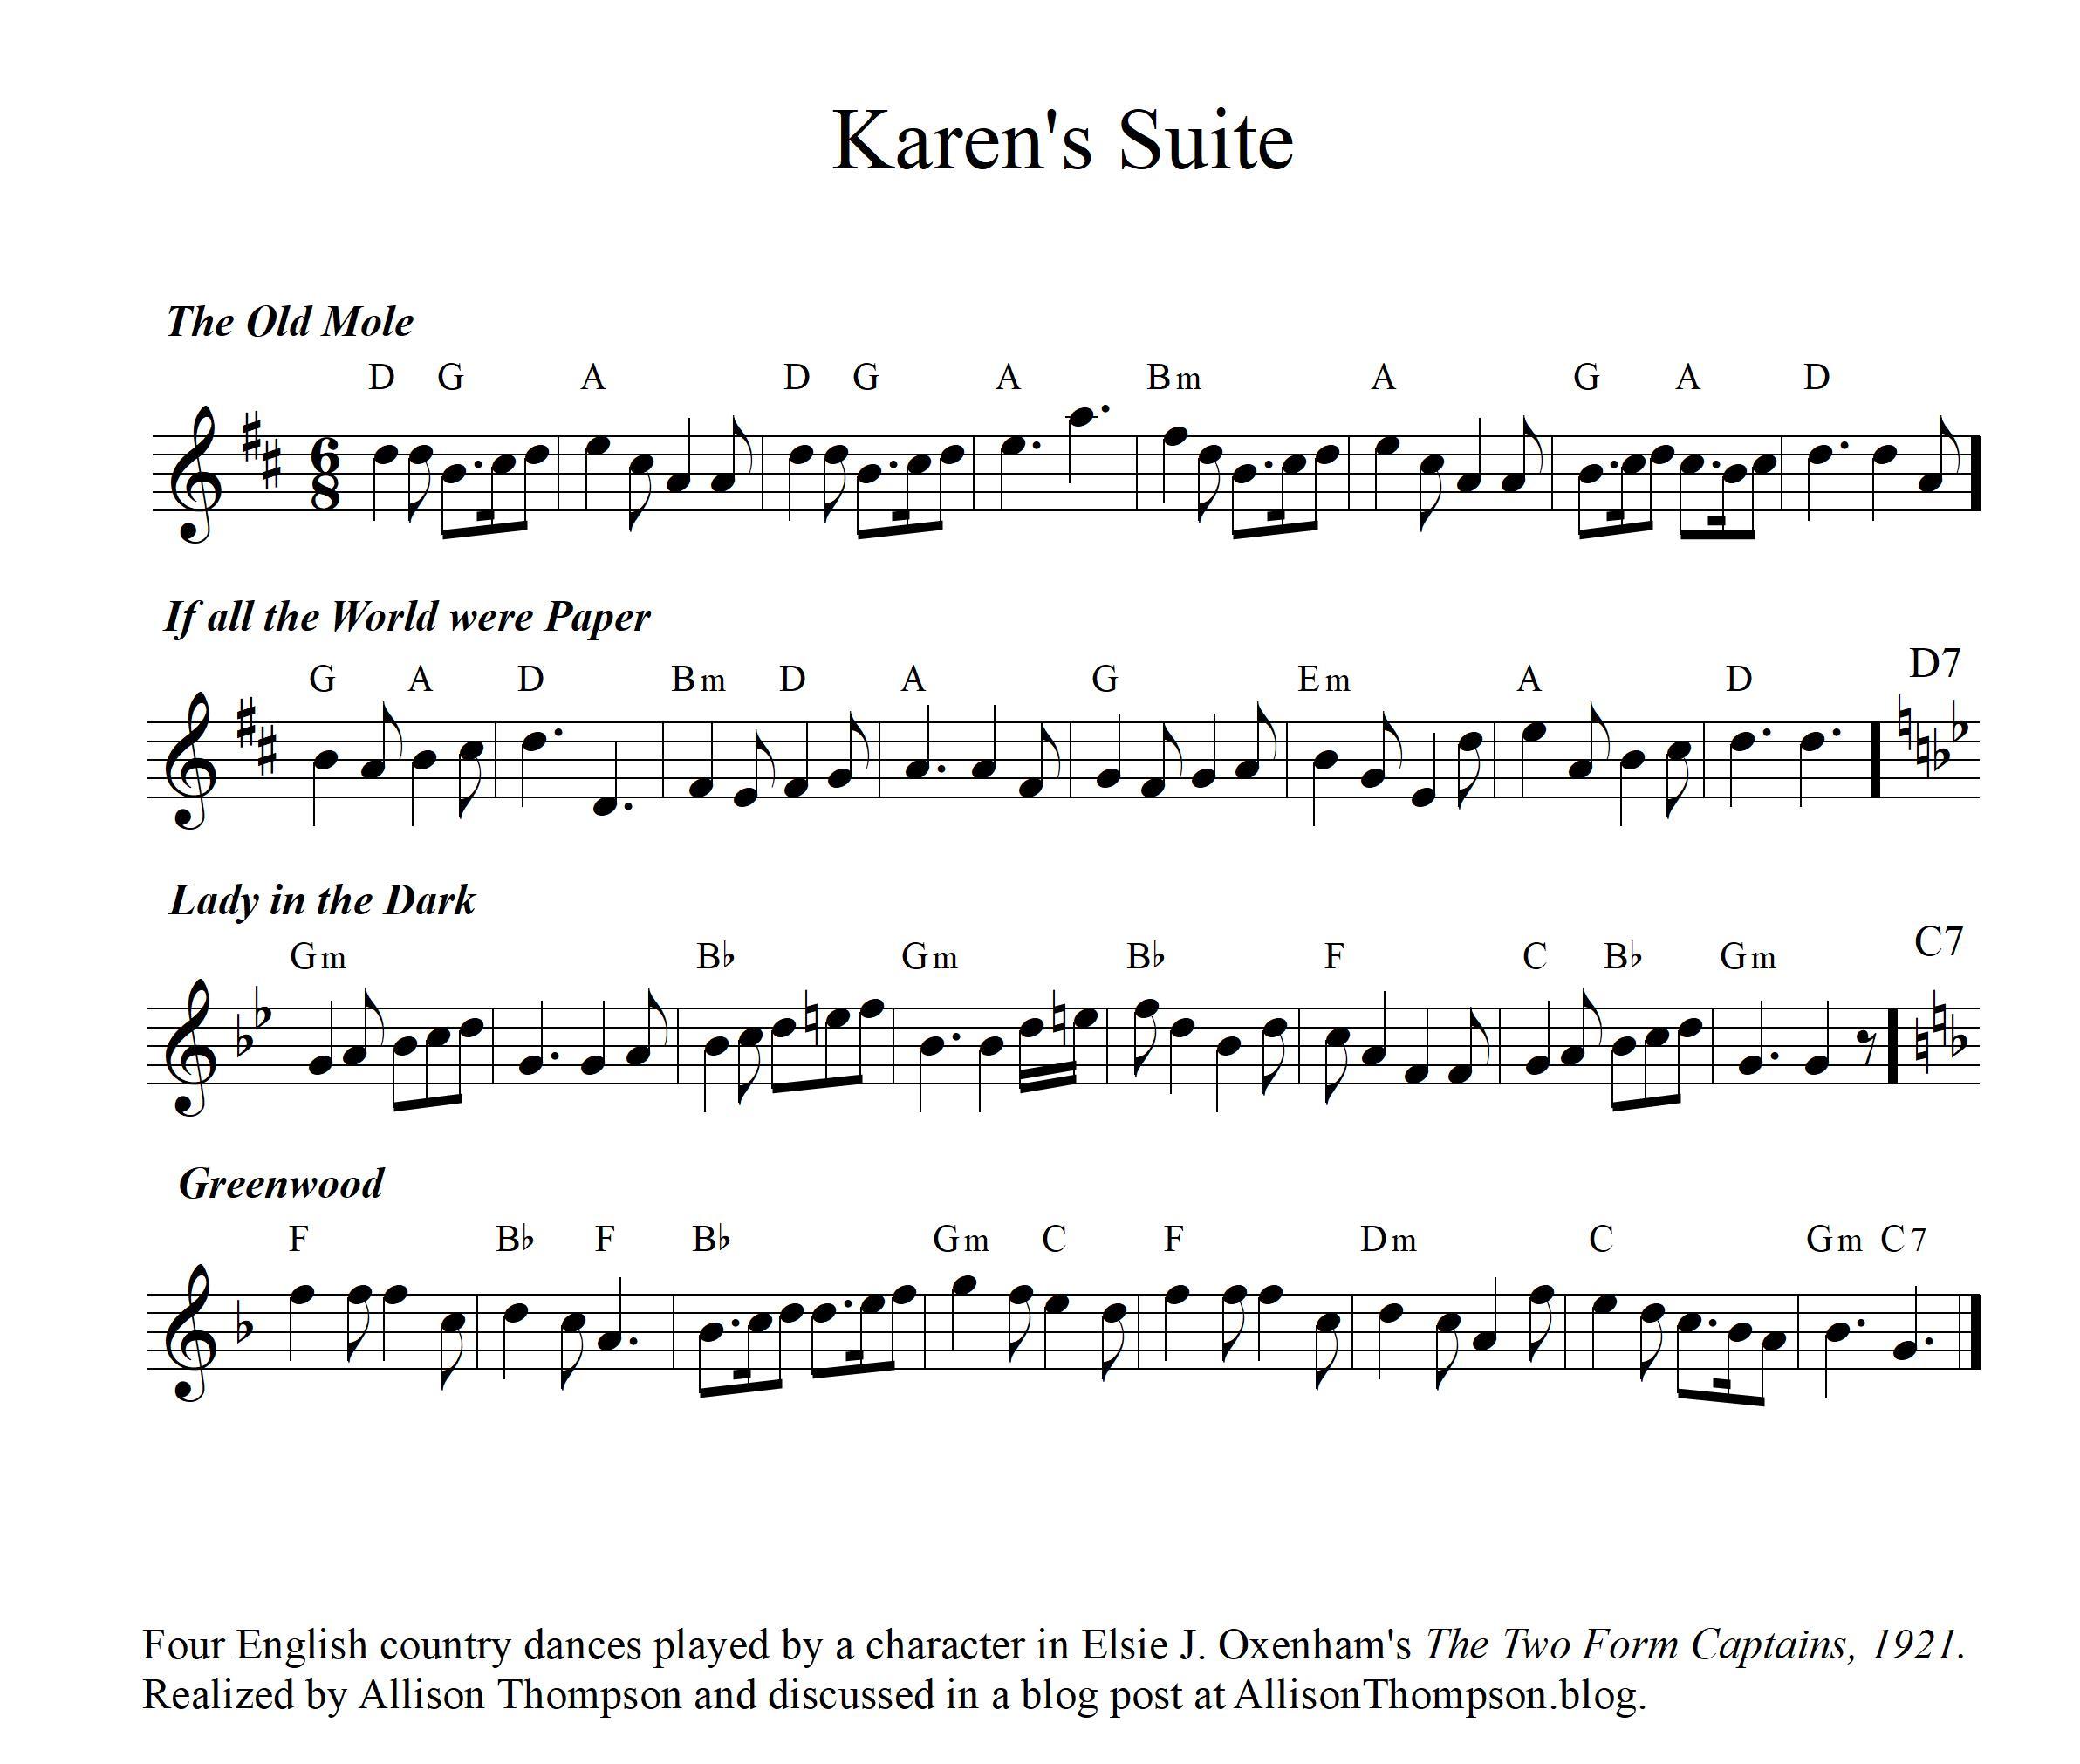 Karen's Suite